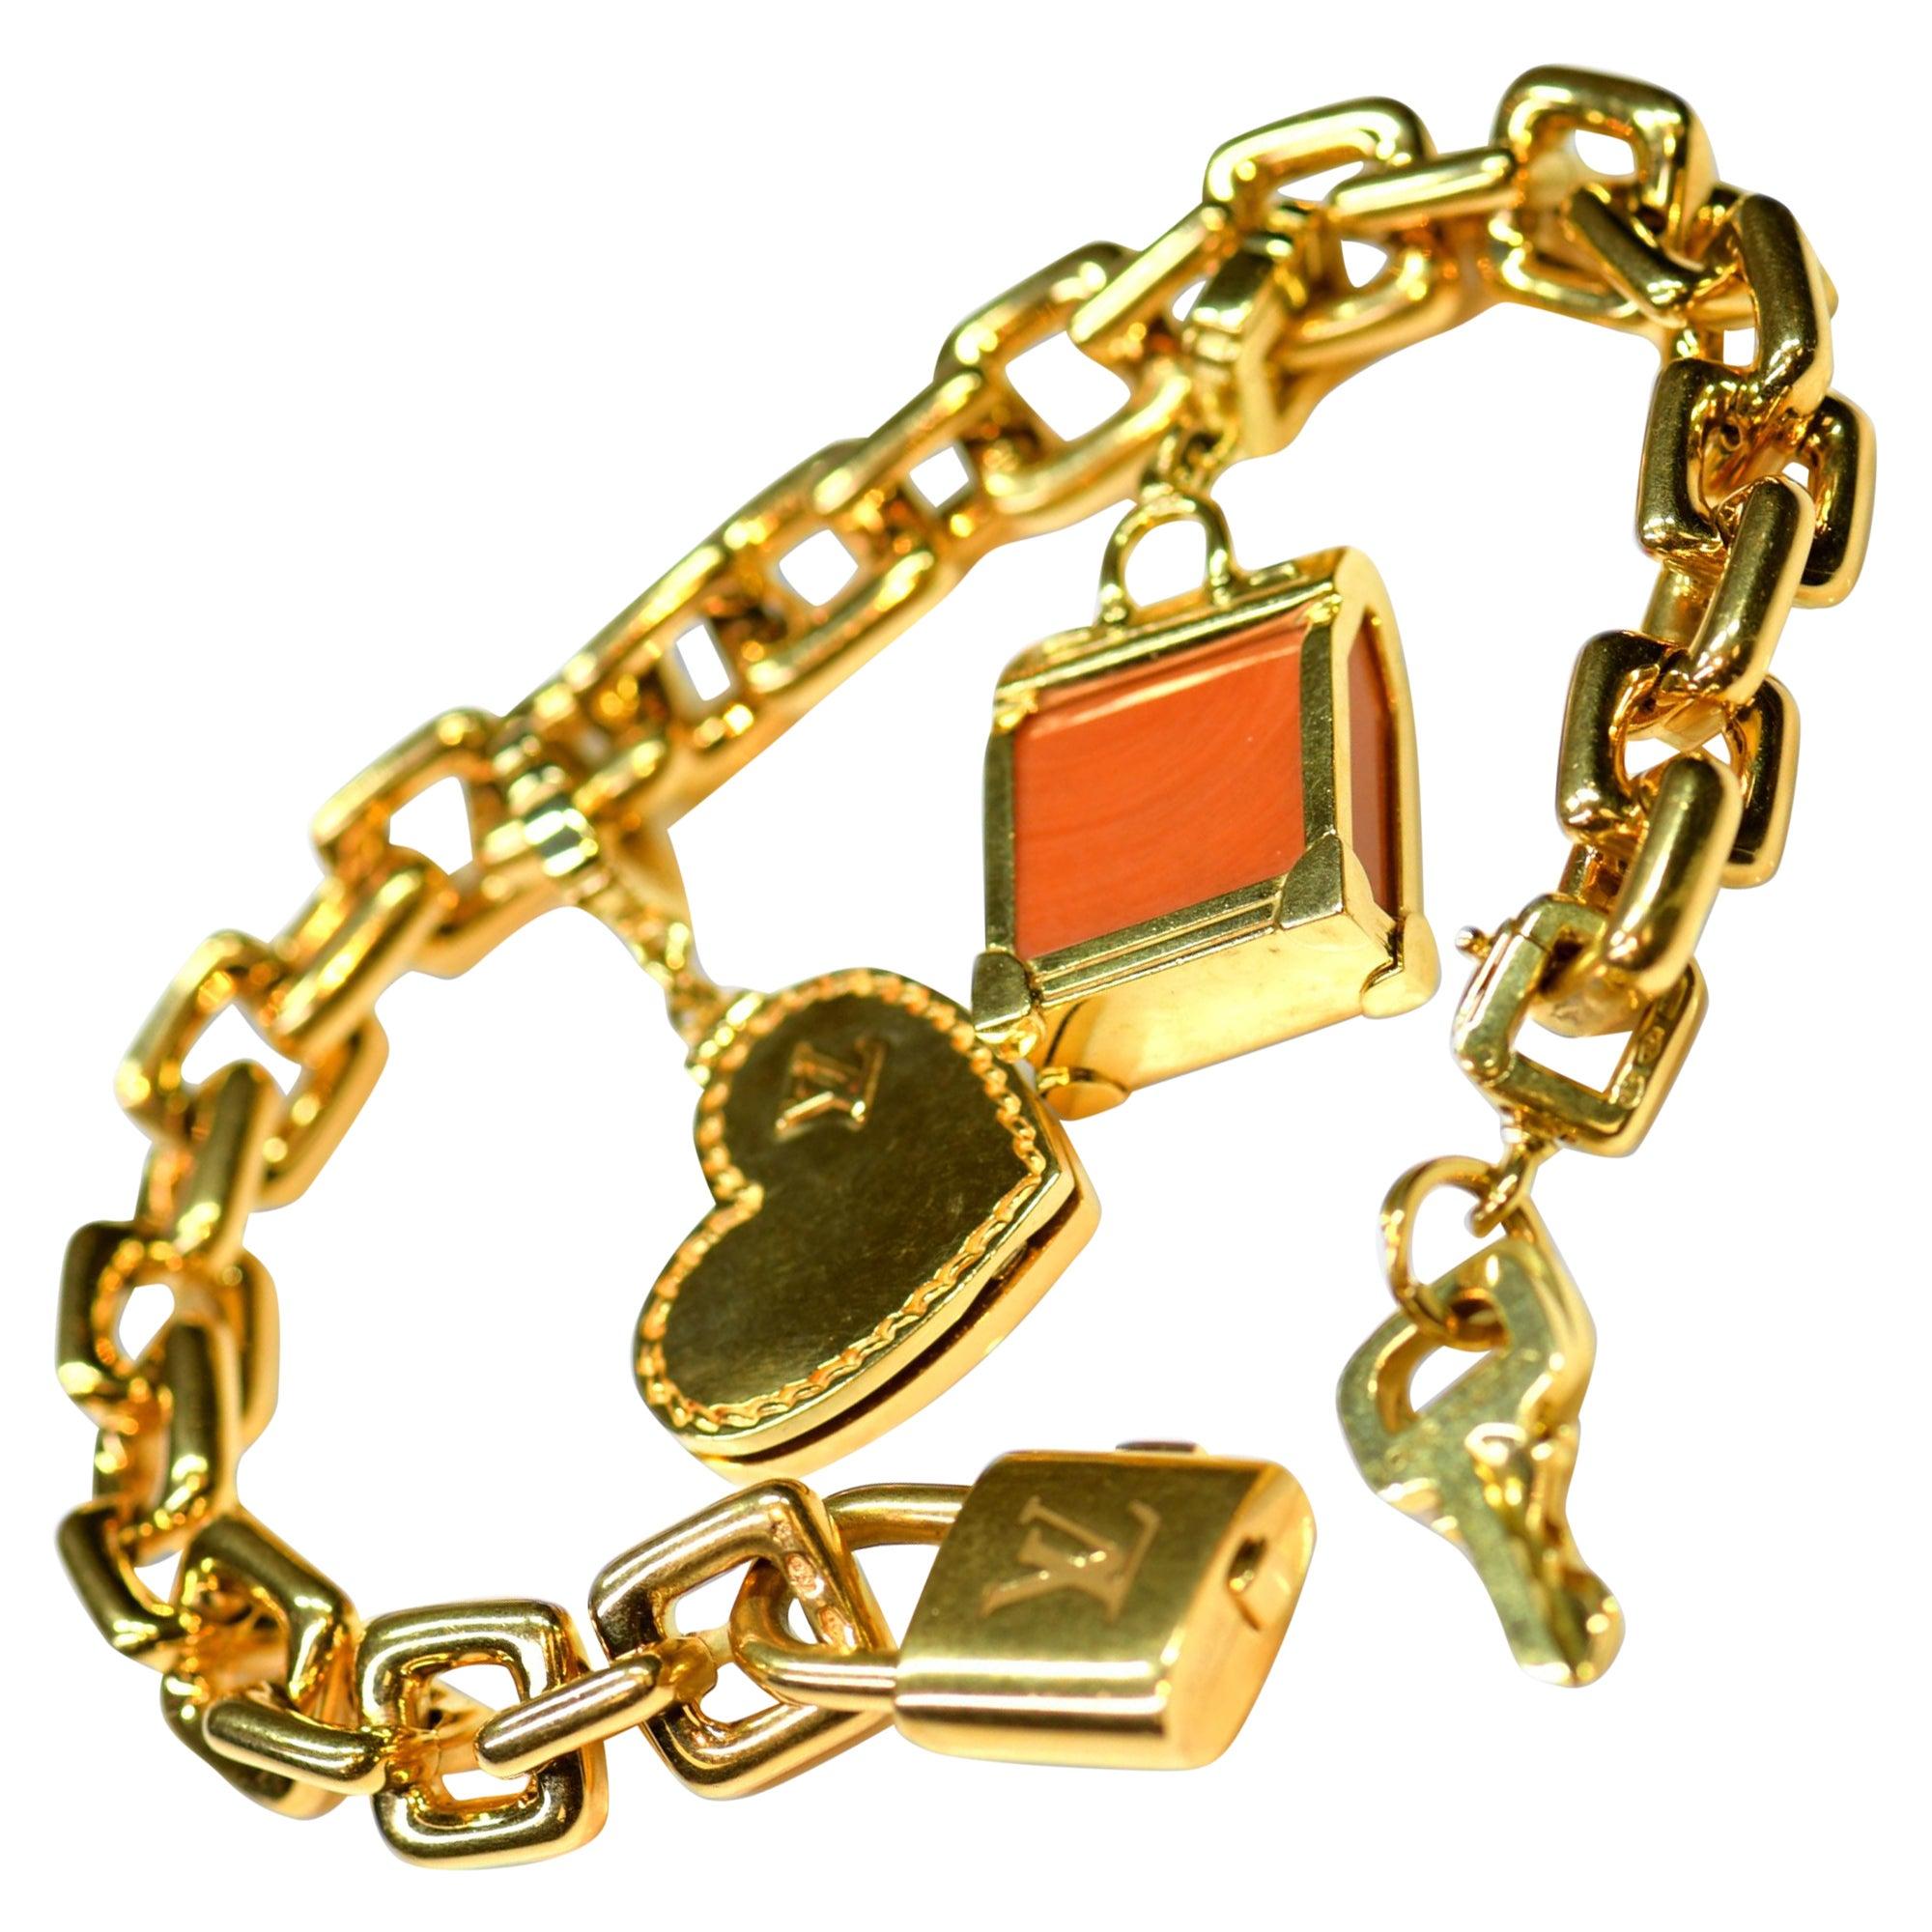 Louis Vuitton Vintage 18 Karat Gold Charm Bracelet with Original Case